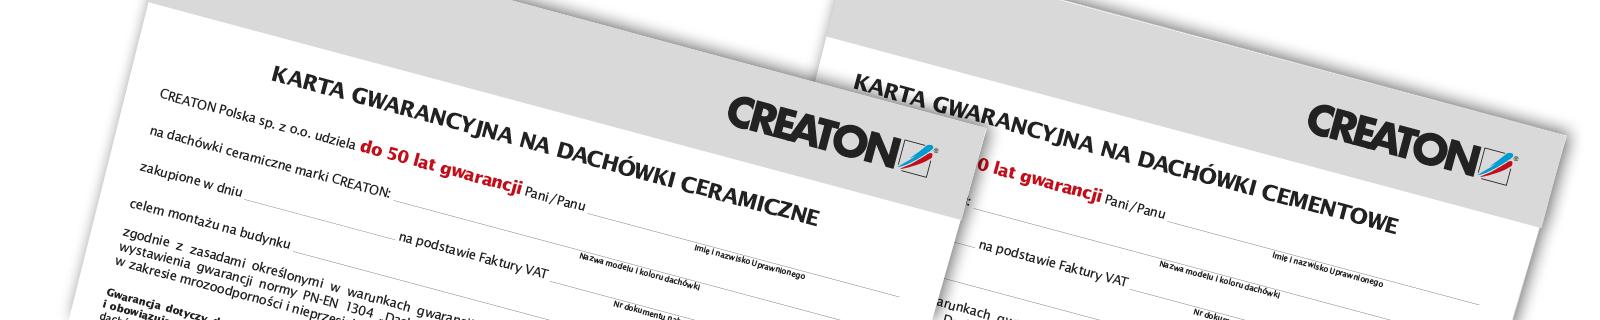 Gwarancja na dachówki CREATON w wersji rozszerzonej